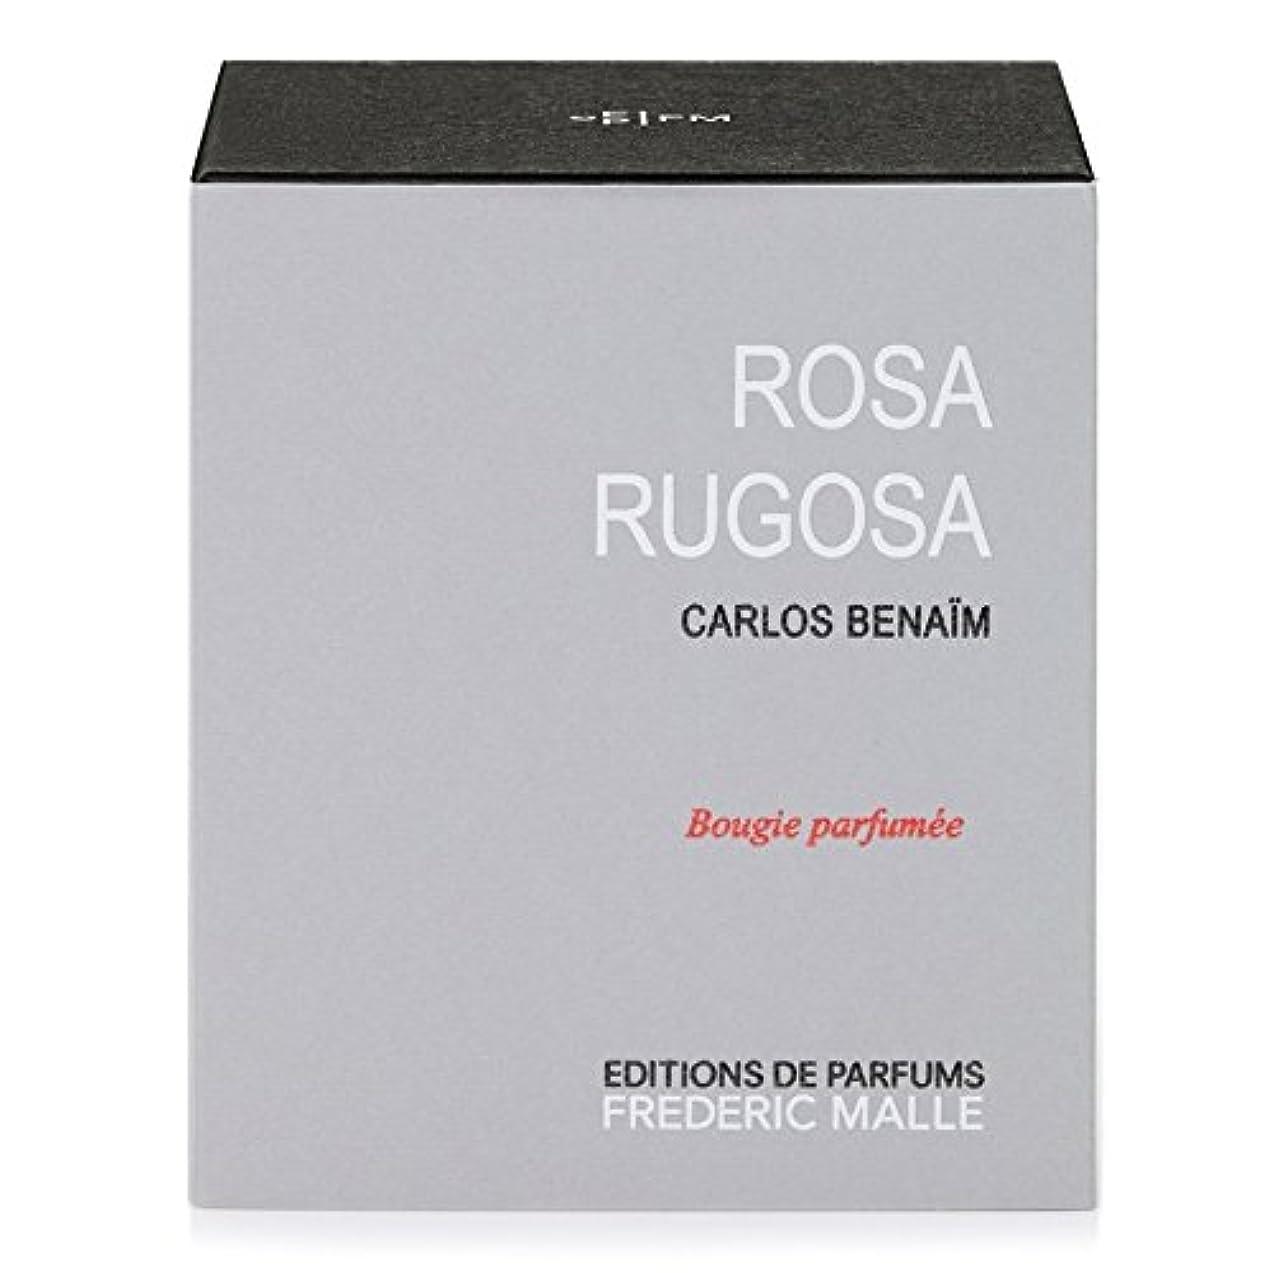 霜タイトルリットルFrederic Malle Rosa Rugosa Scented Candle (Pack of 2) - フレデリック?マルハマナスの香りのキャンドル x2 [並行輸入品]